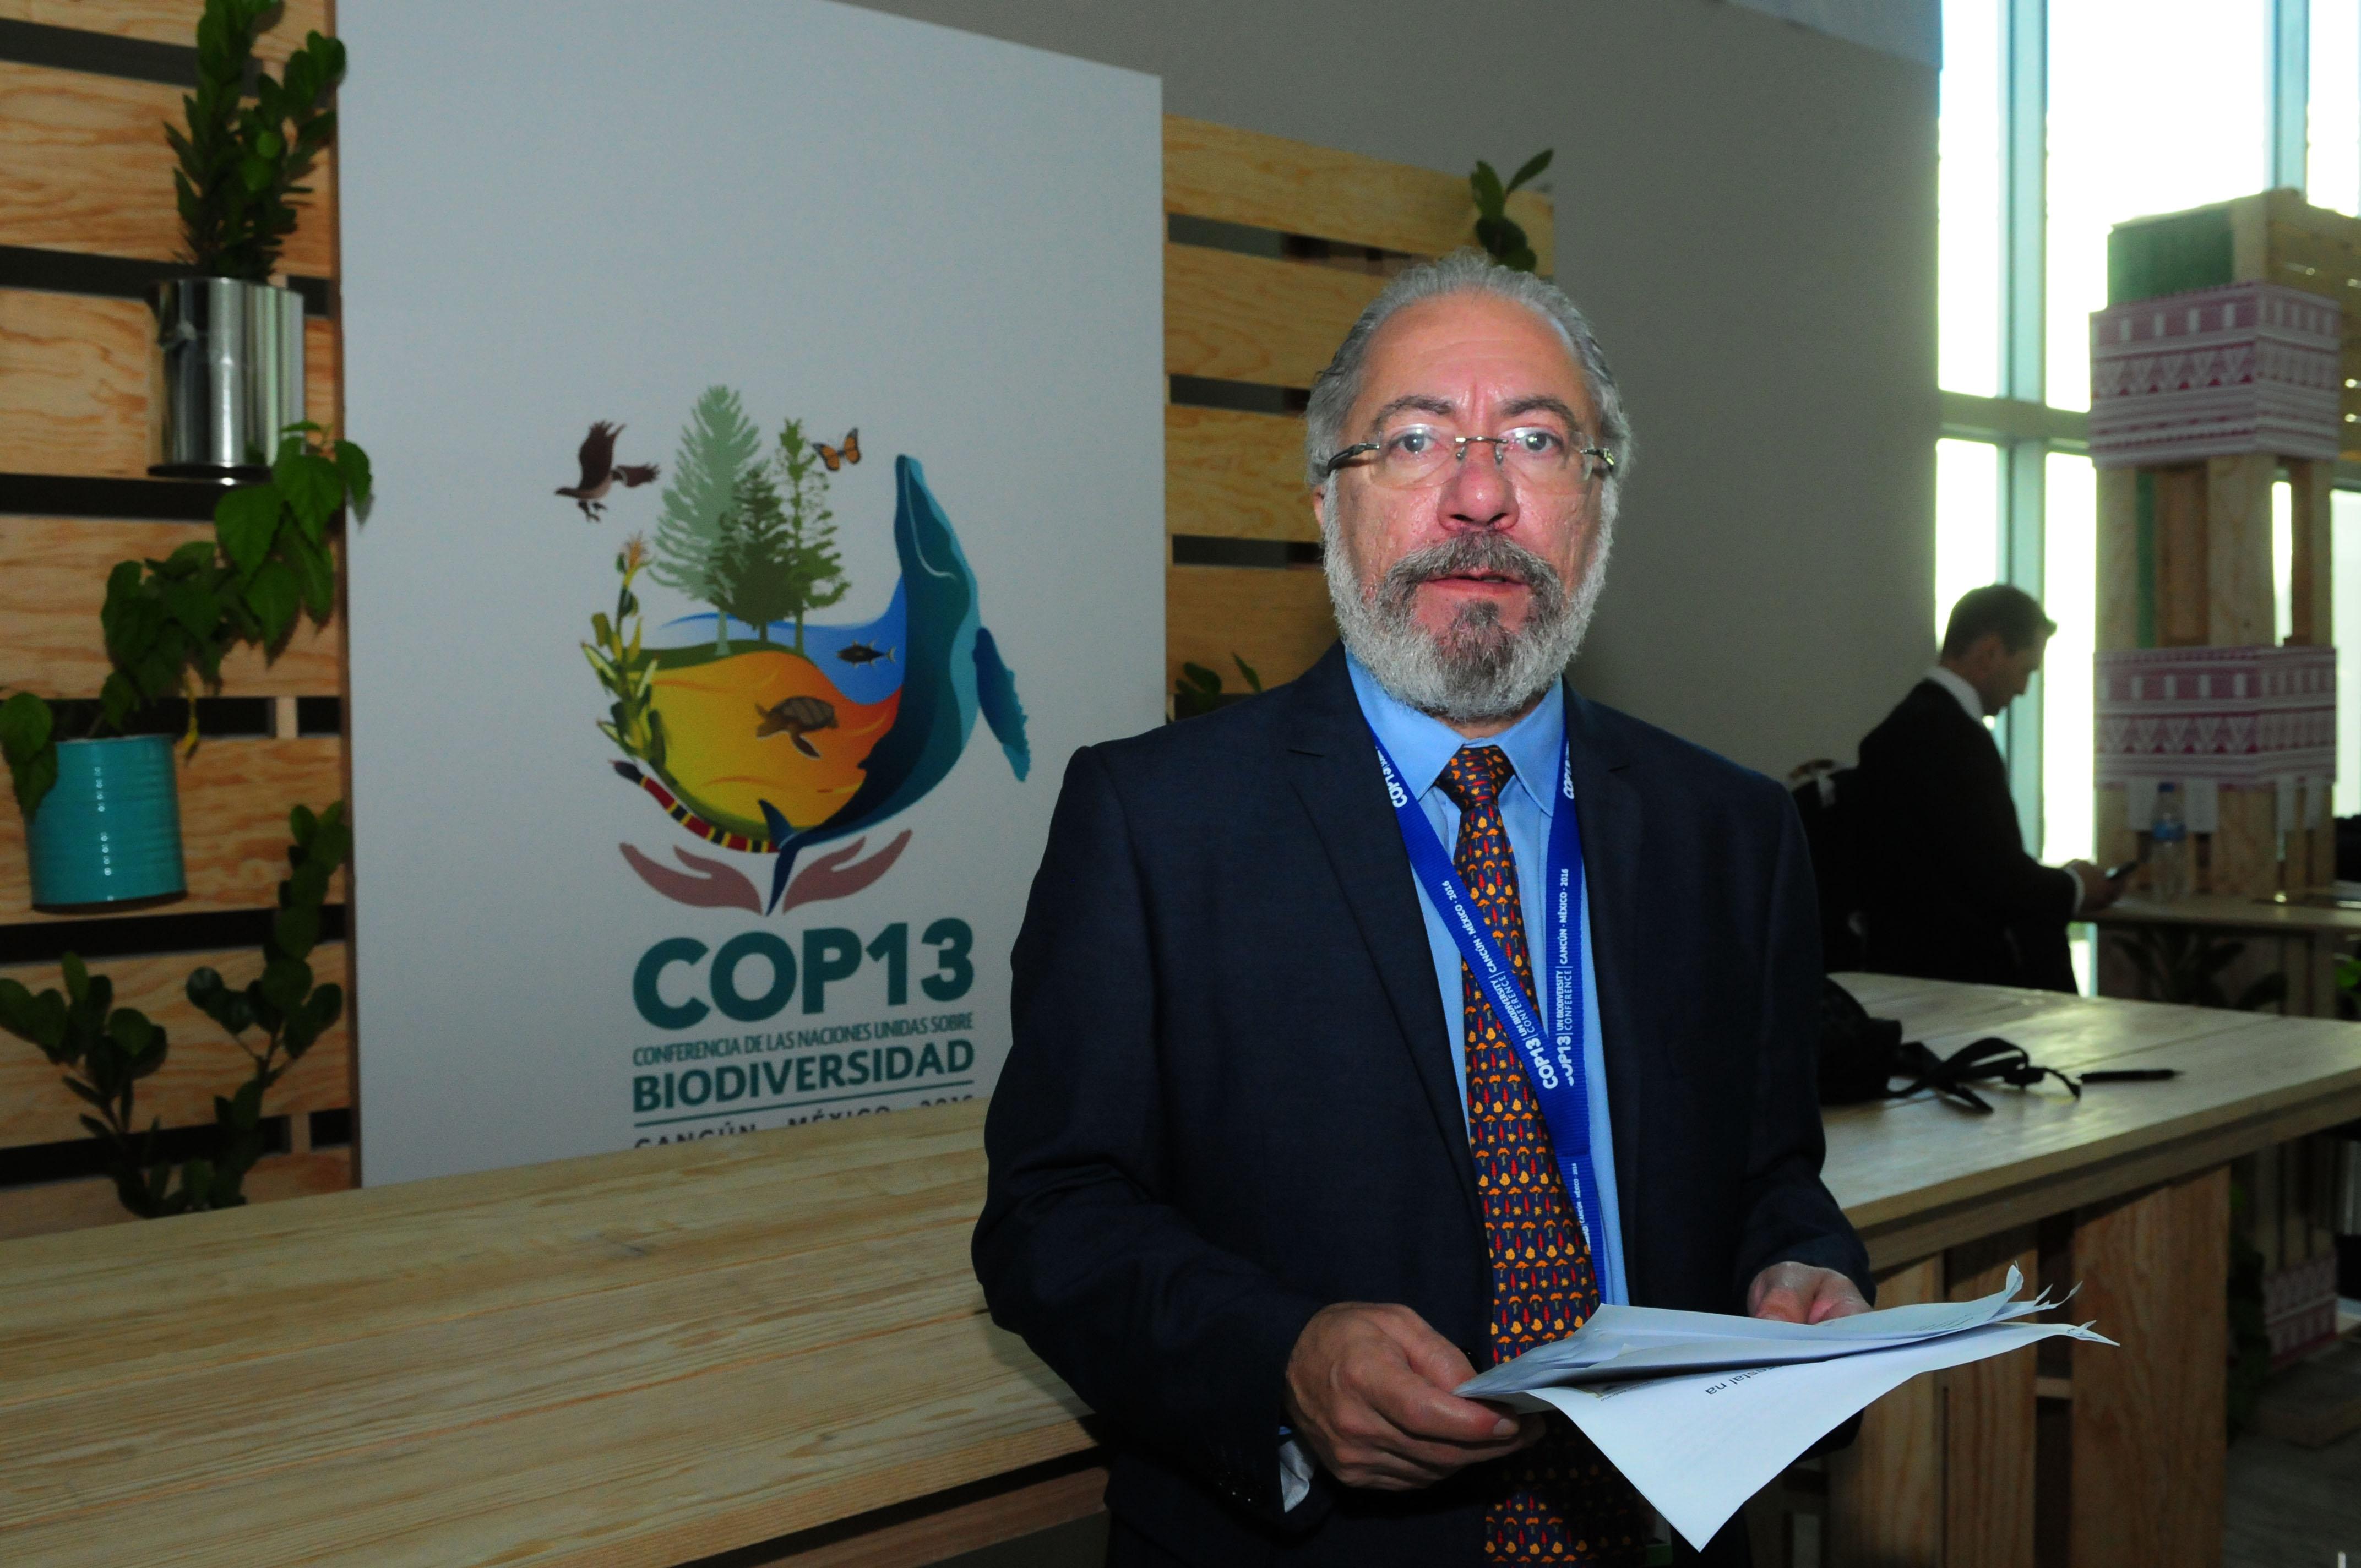 País combate exploração ilegal de madeira